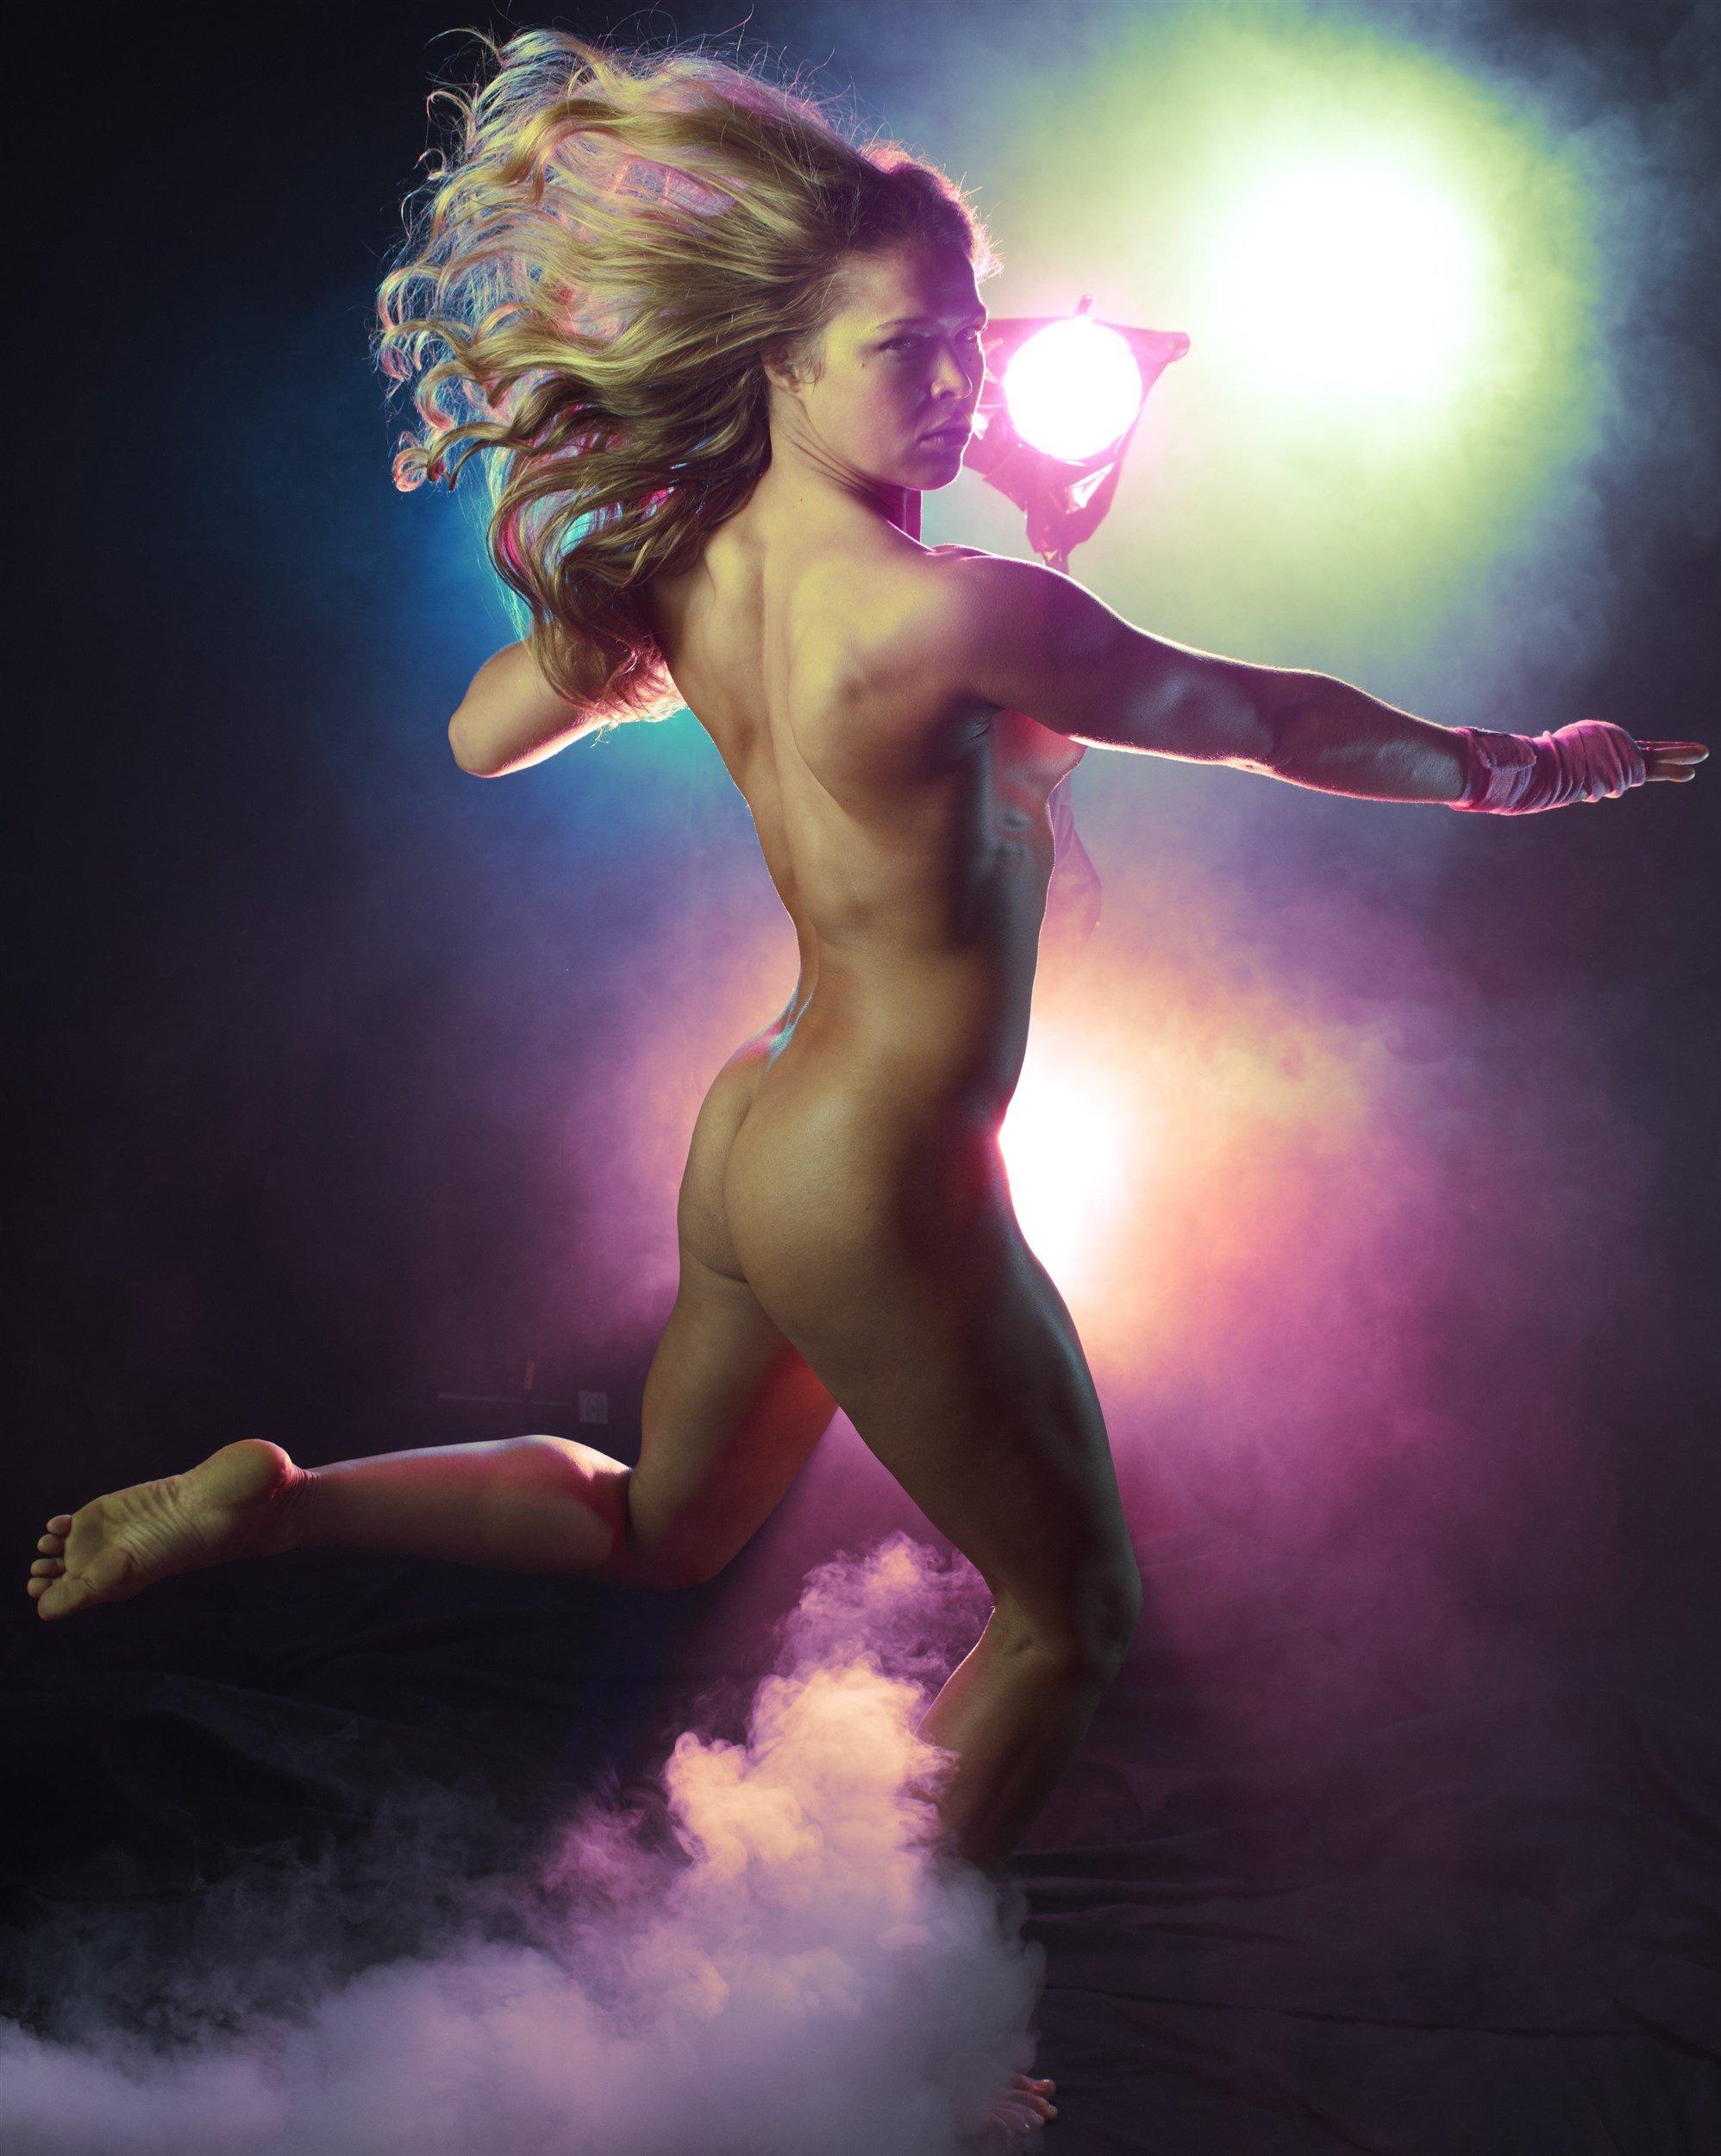 ronda rousey naked photos